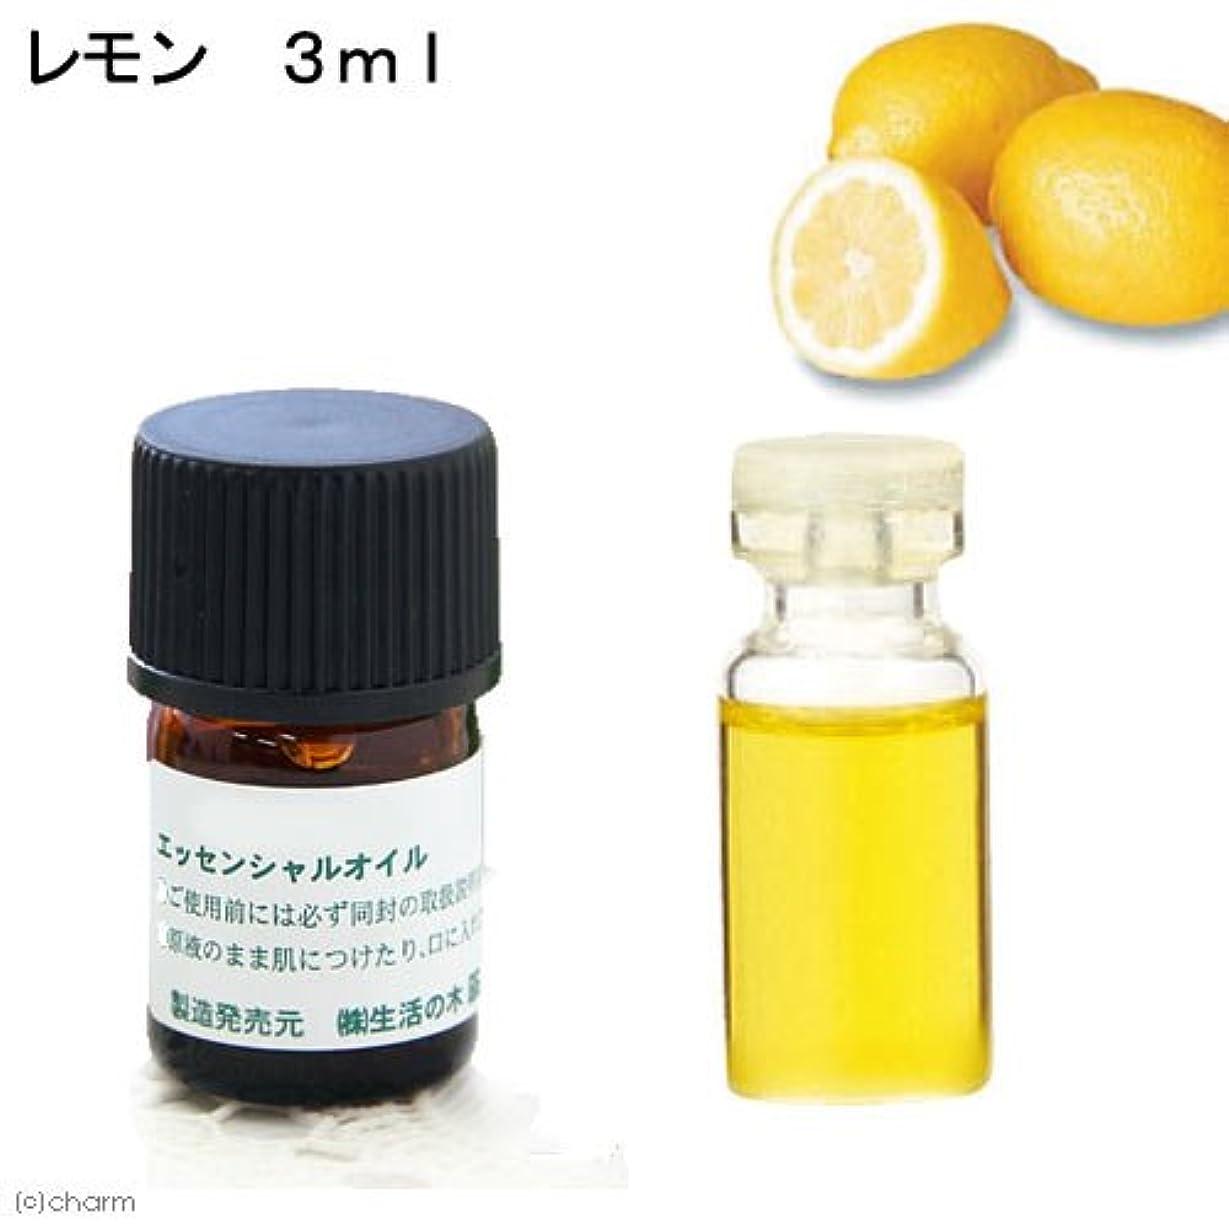 国際困惑リングバック生活の木 レモン 3ml